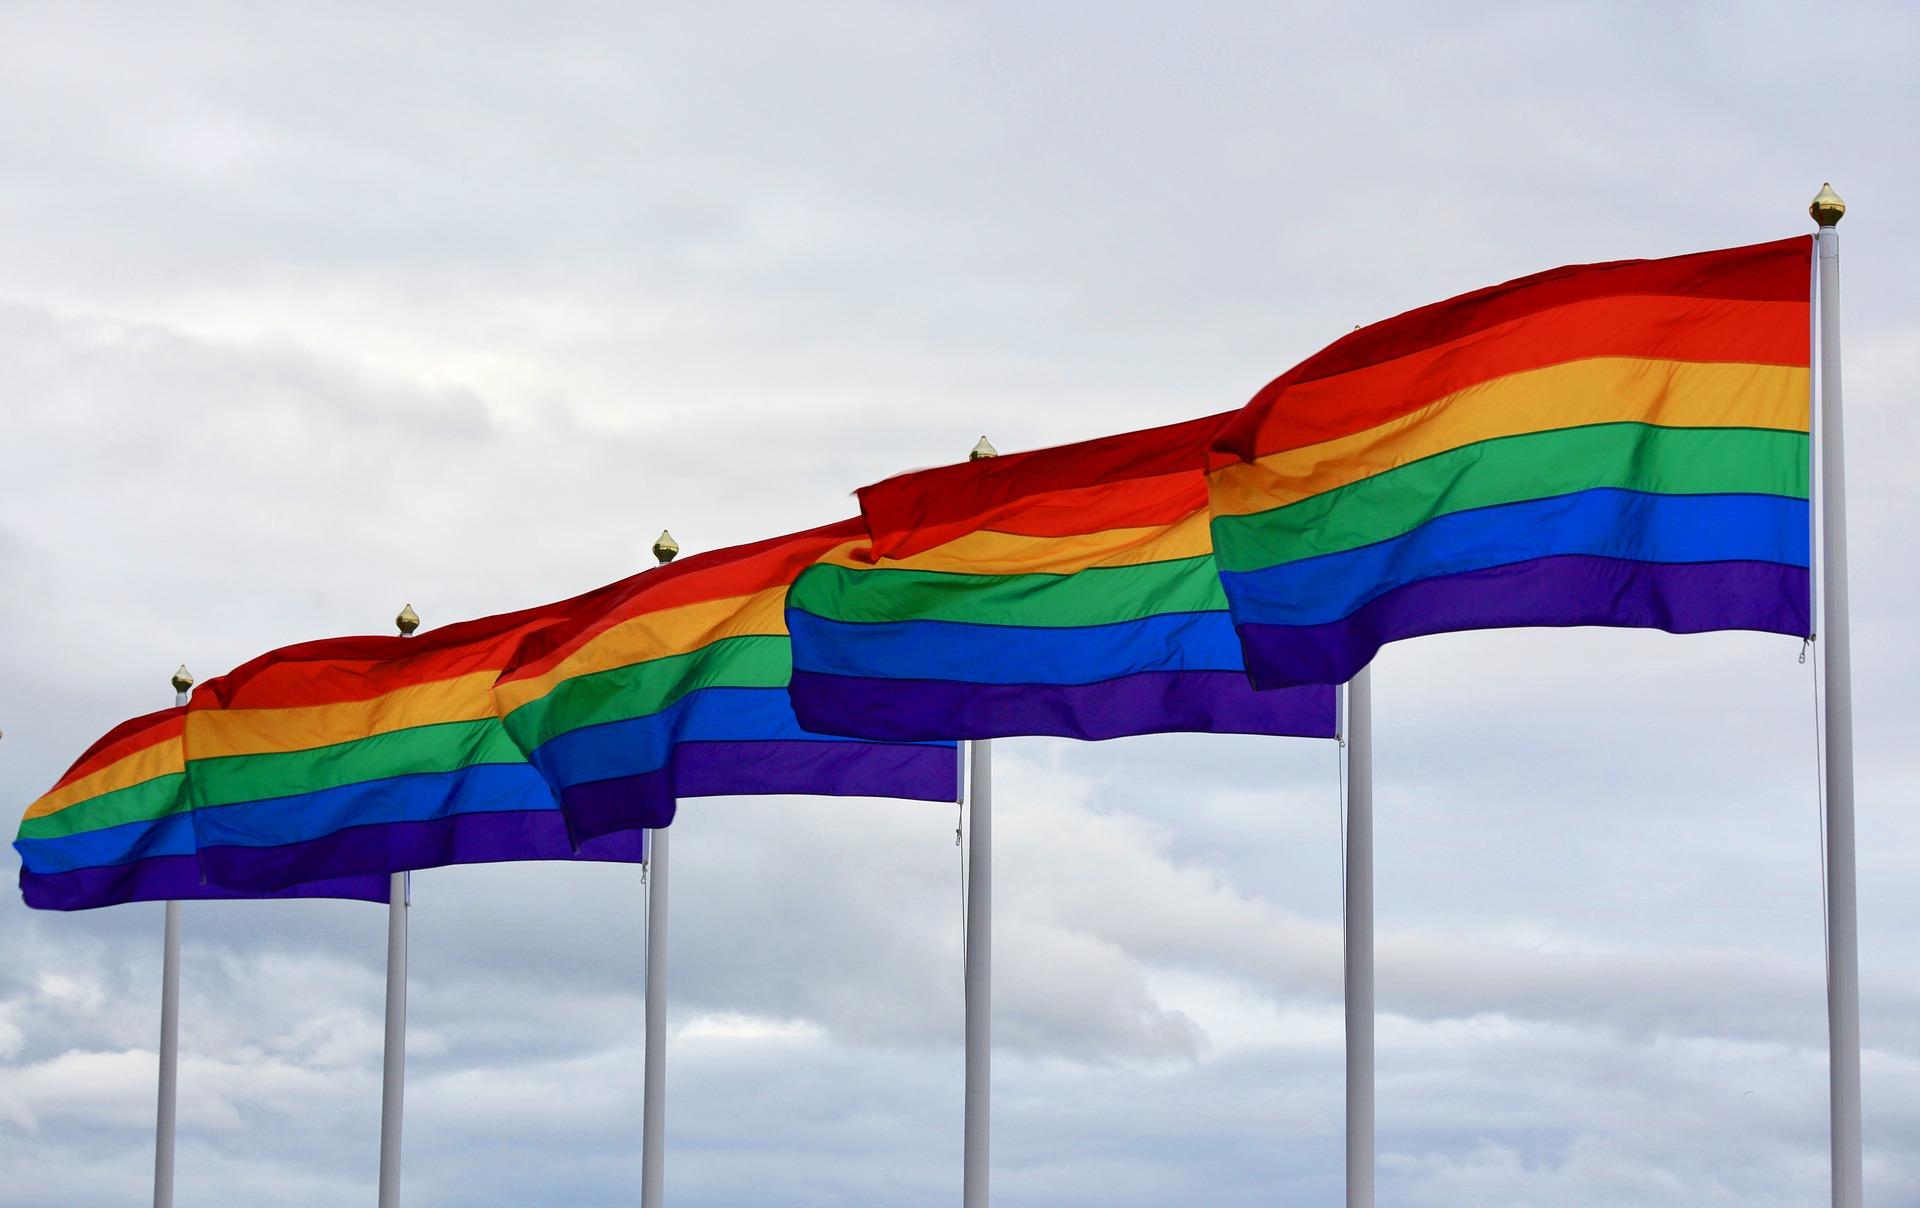 flagi lgbt  - Pixabay